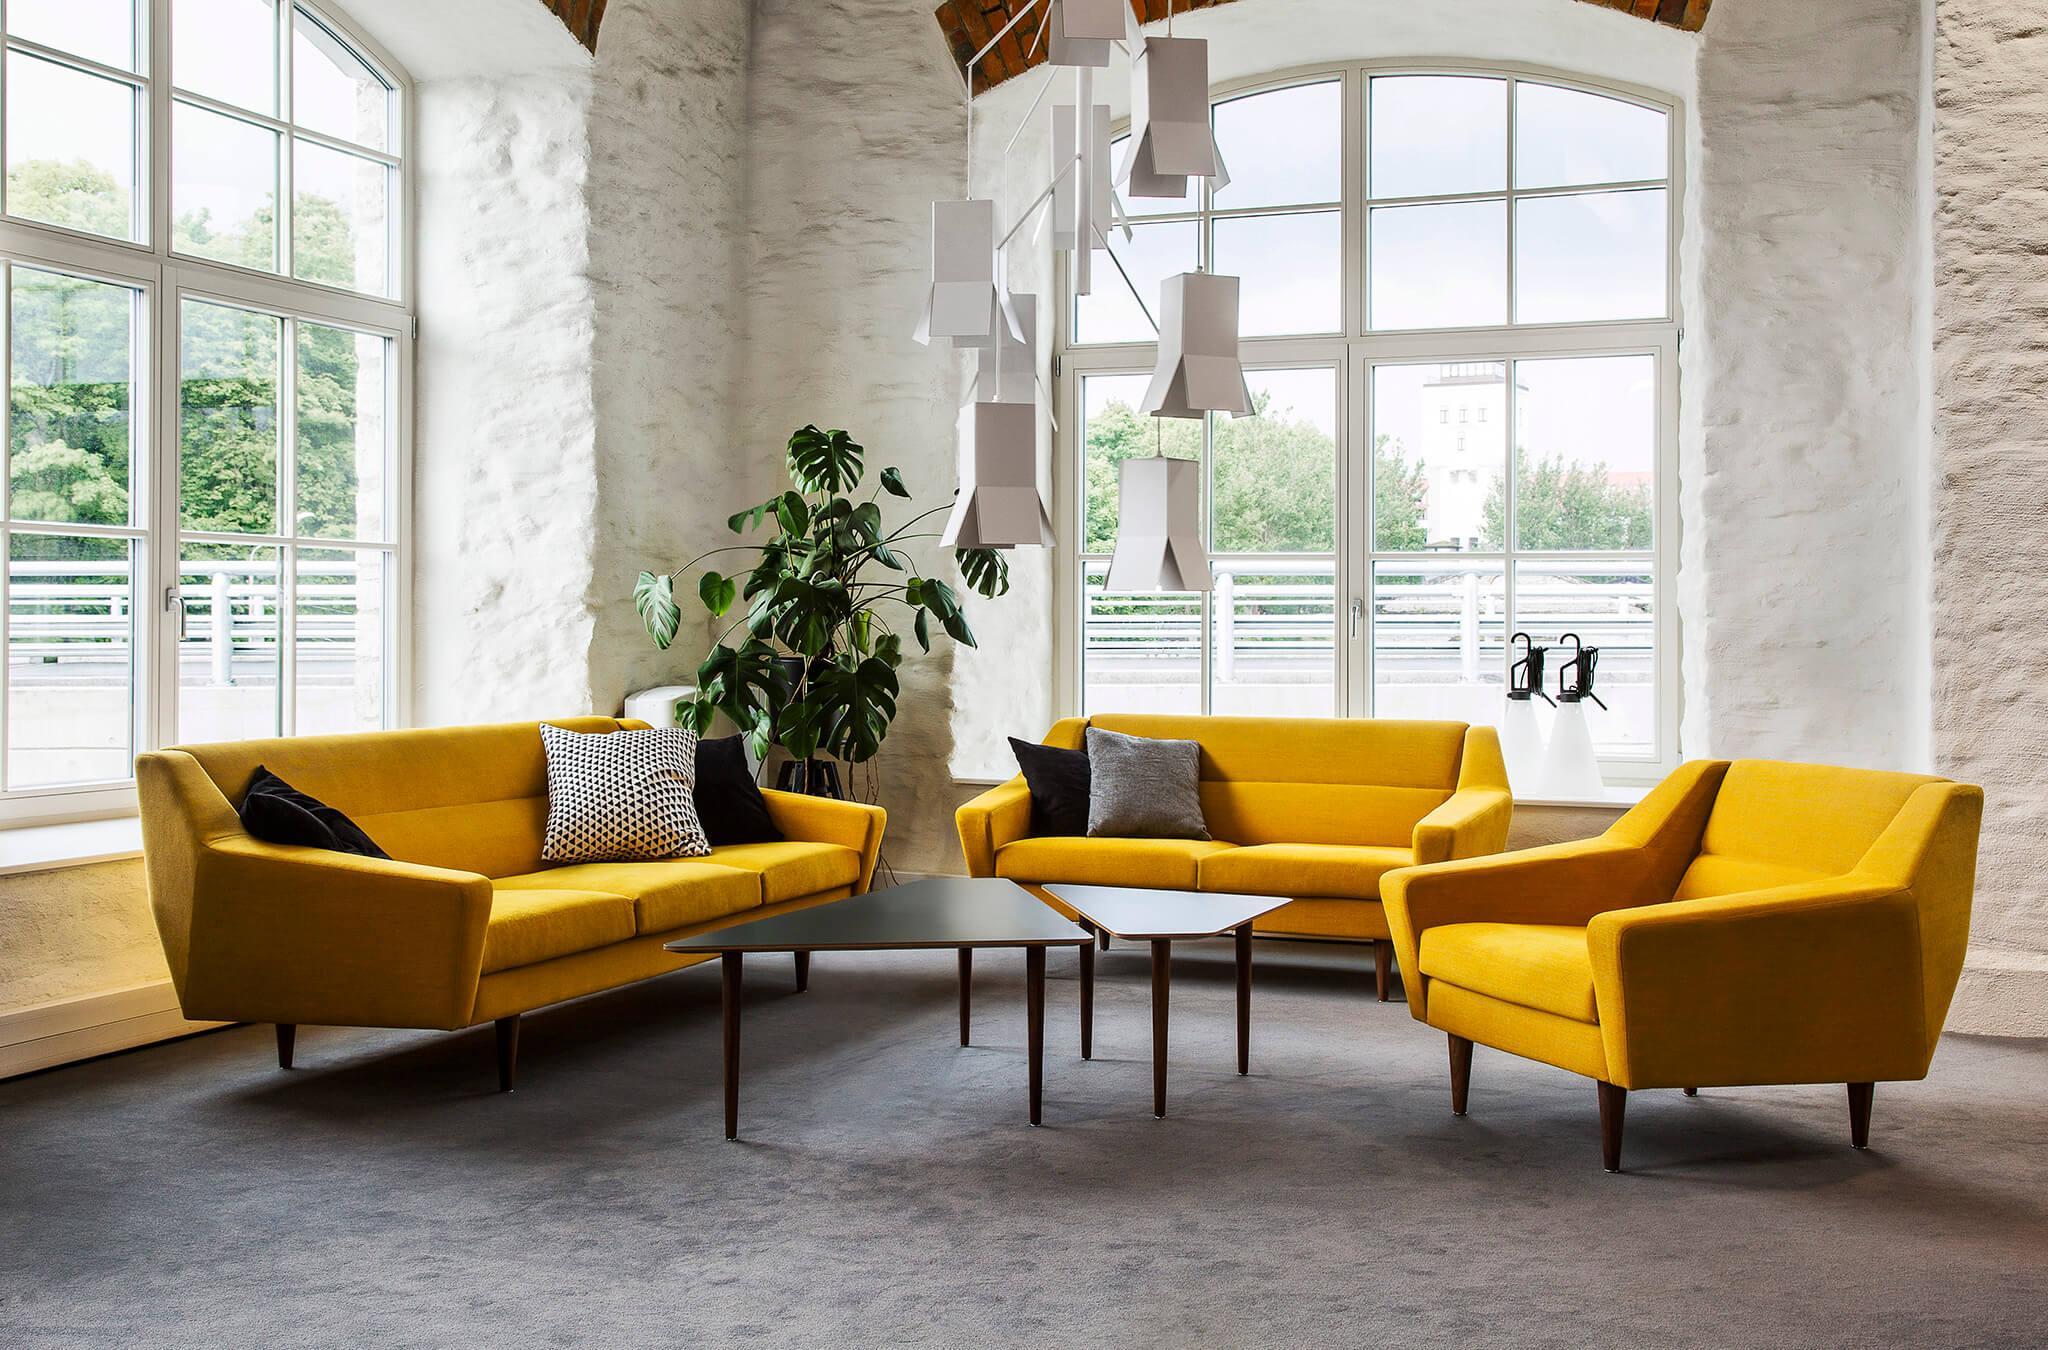 Пружинный диван желтого цвета